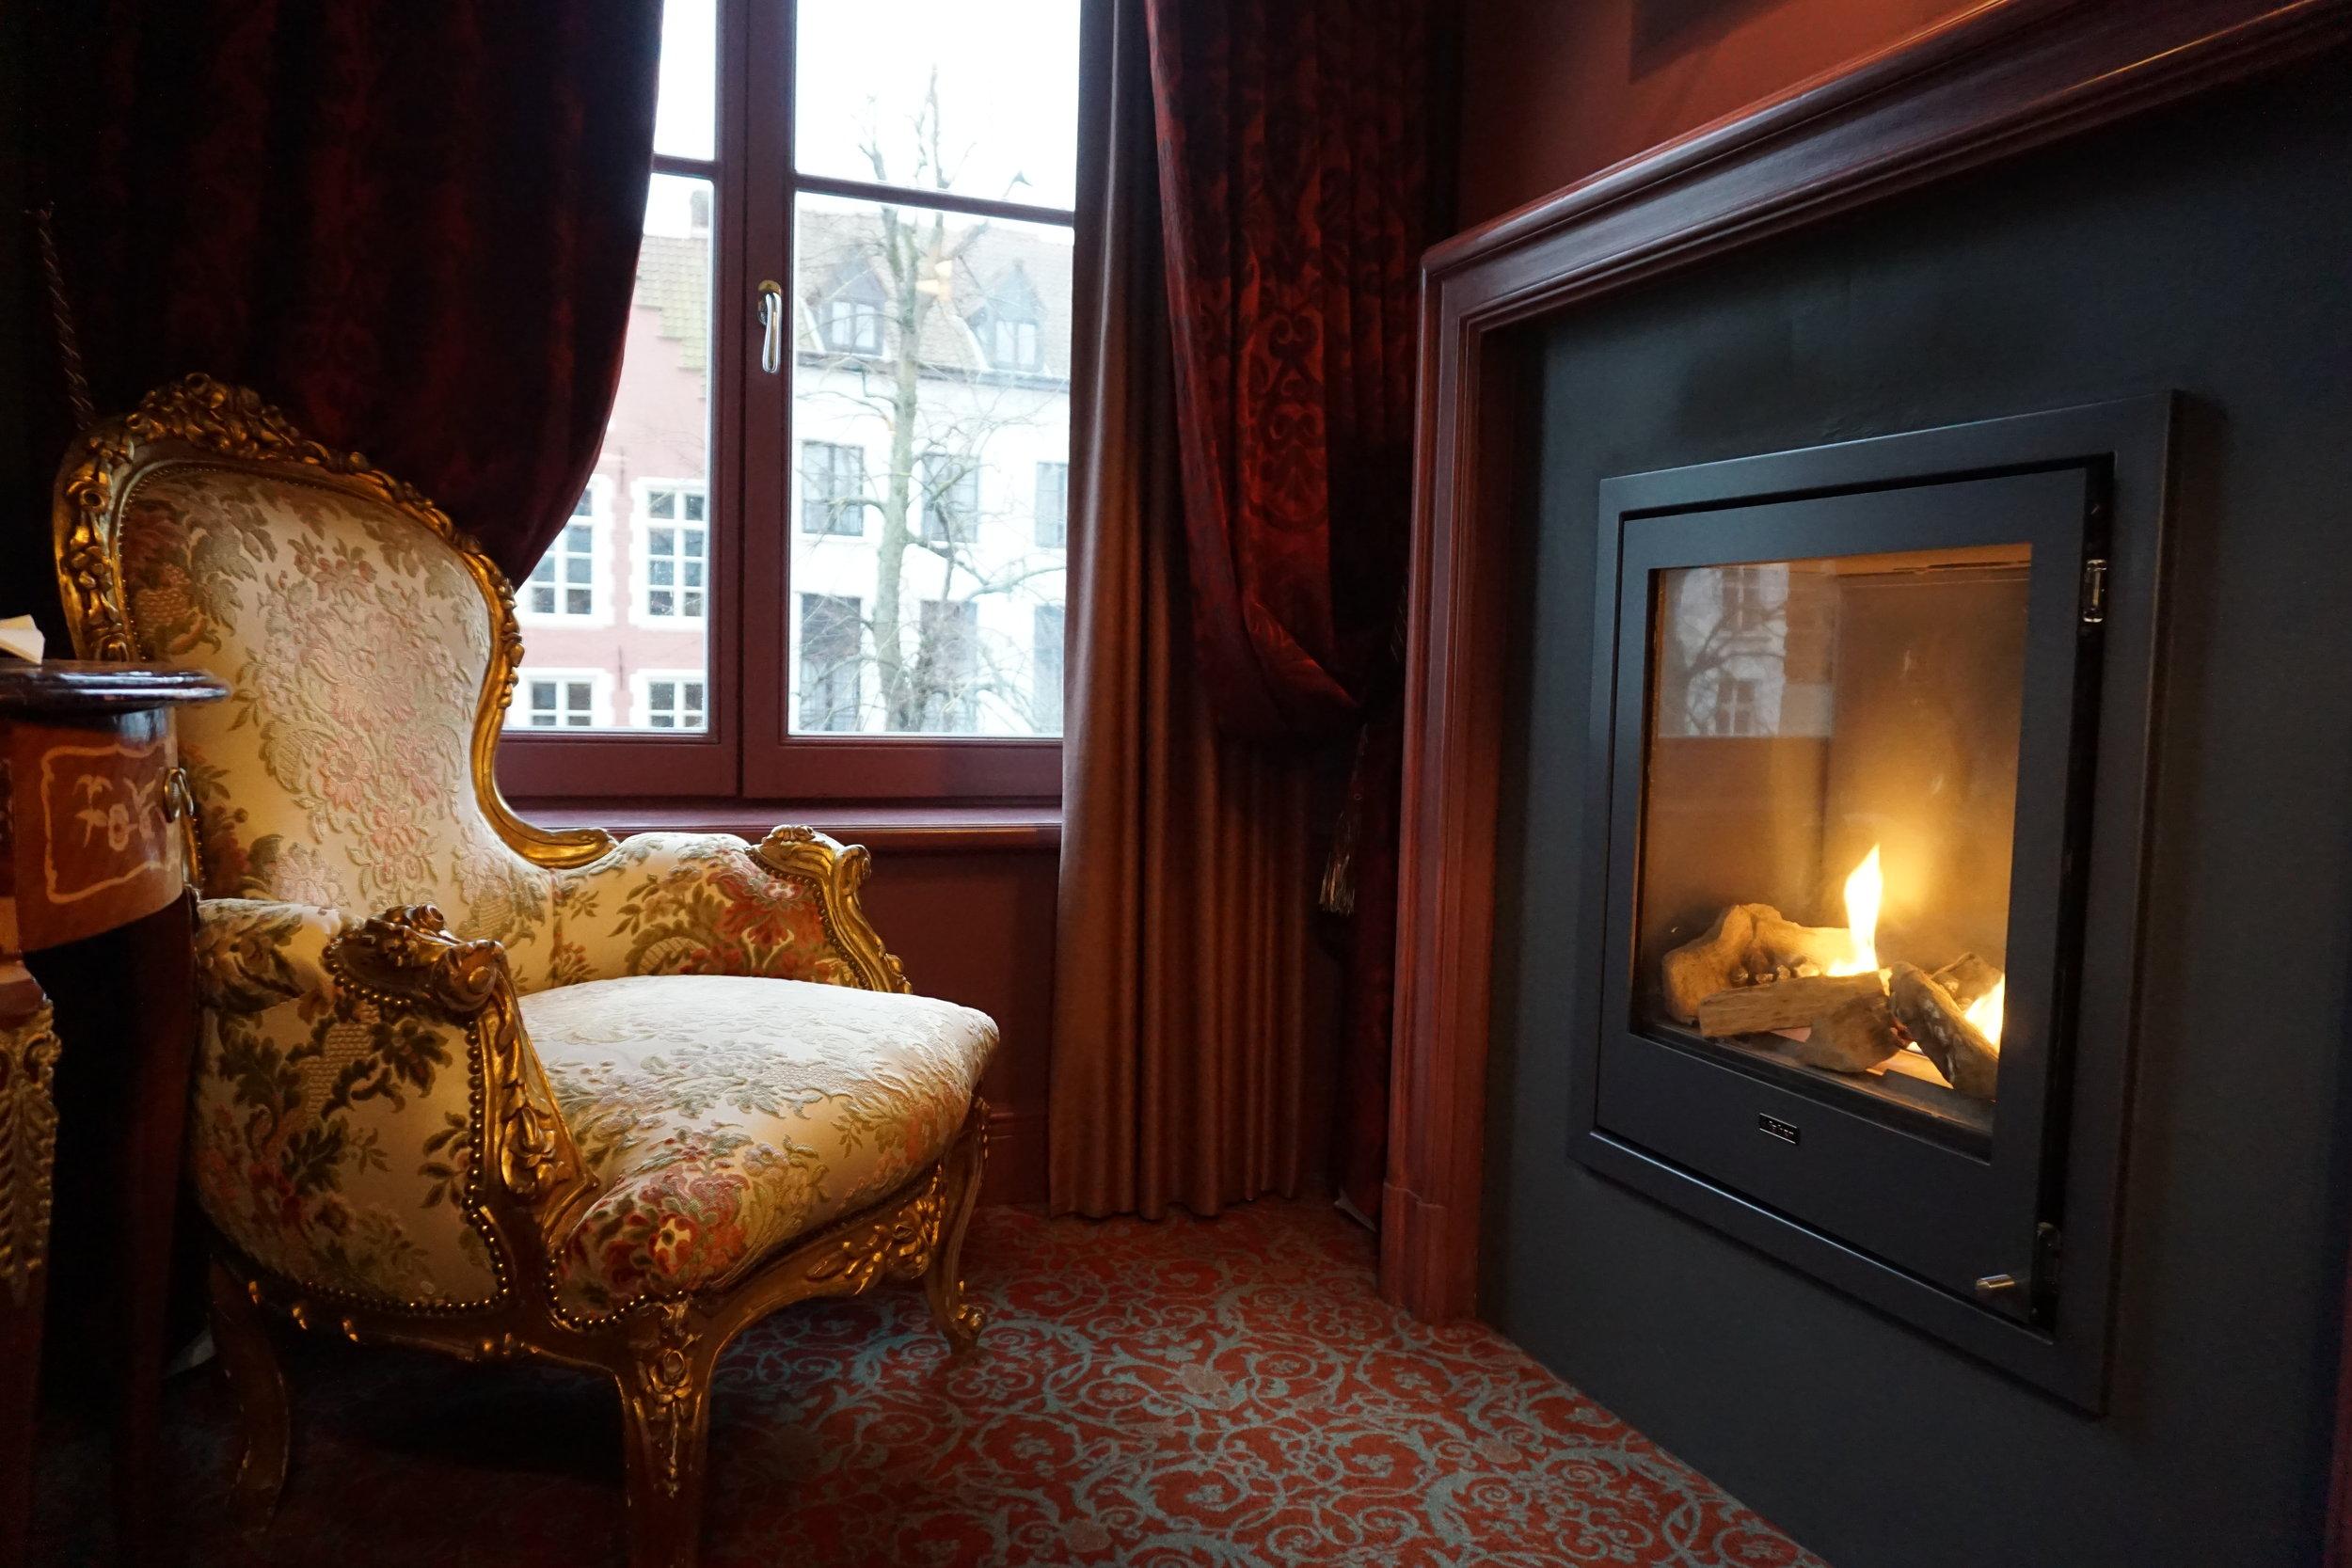 Hotel Die Swaene - Boutique Hotel | Bruges, Belgium